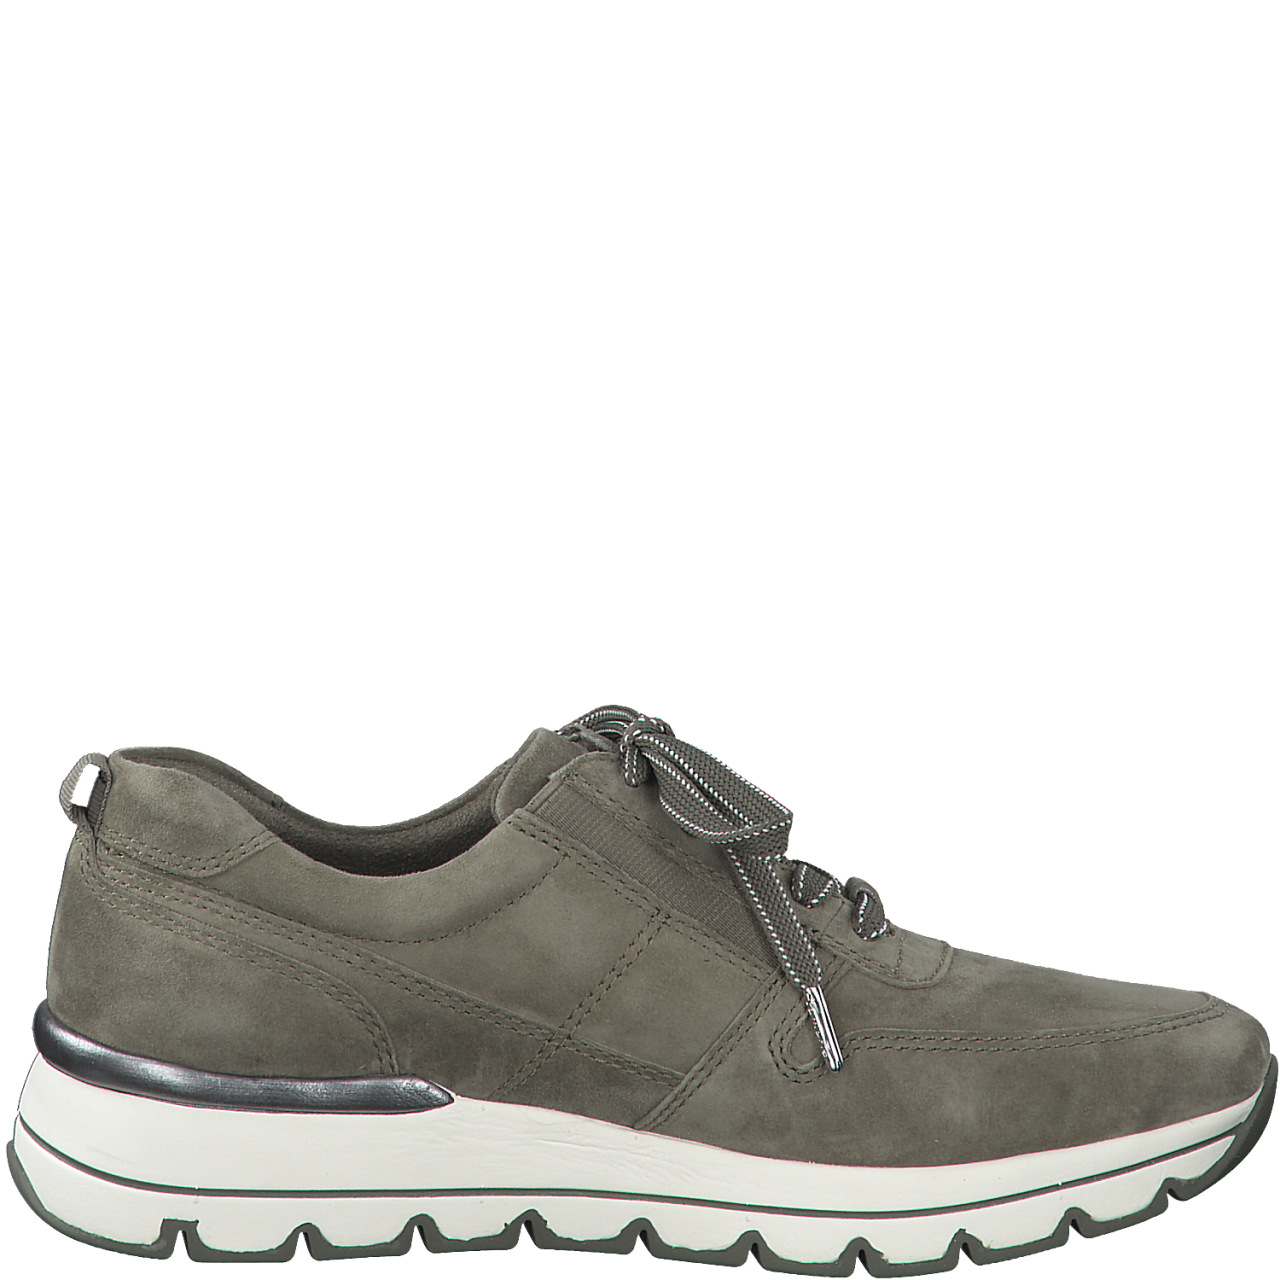 Tamaris 23725 sneakers, emrd, 42